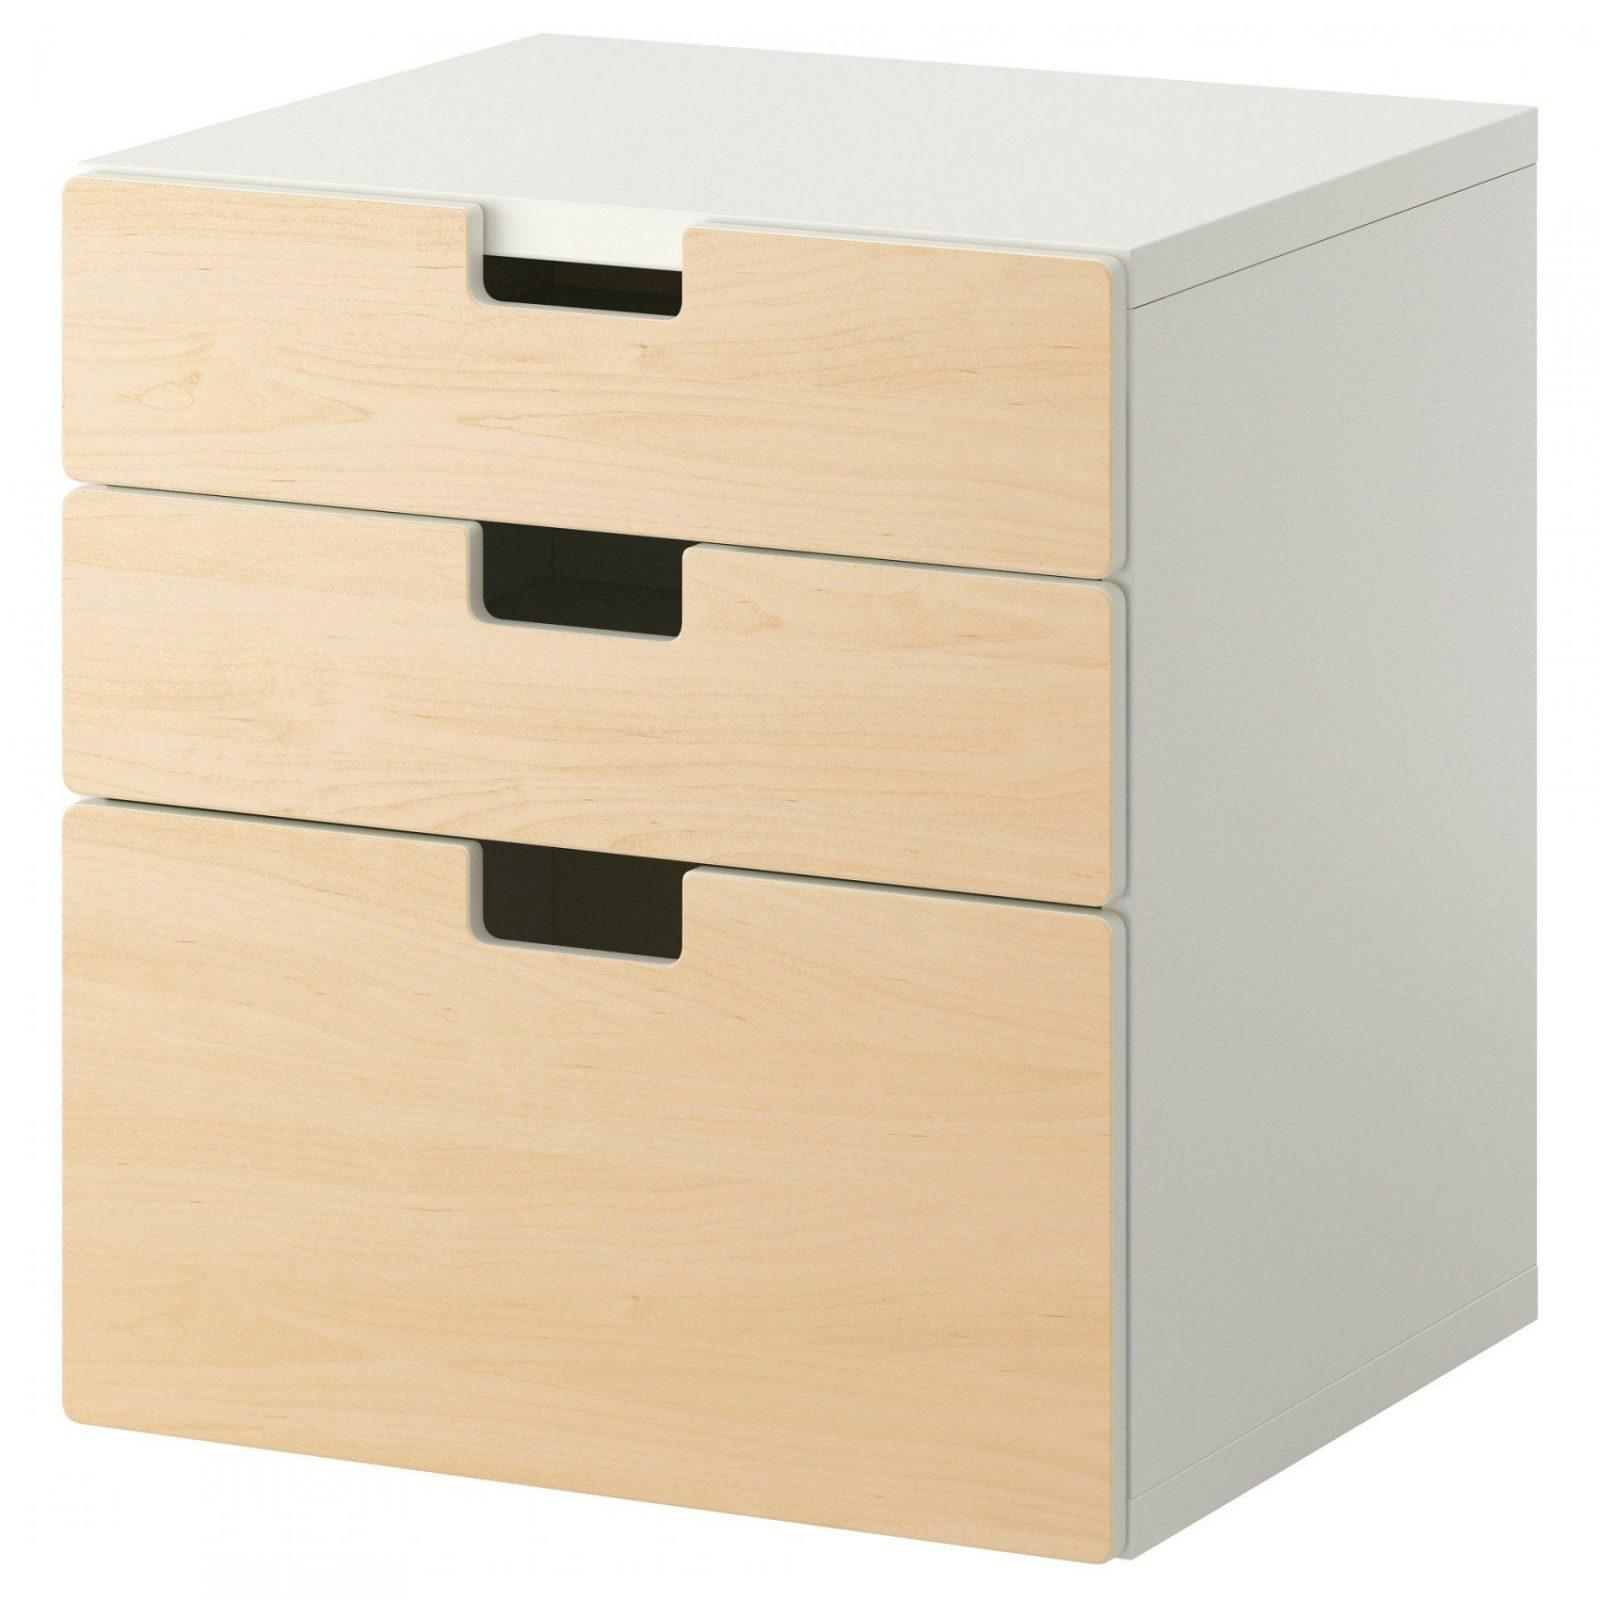 Wohnideen  Kleiderschrank 35 Cm Tief Zusammen Neu Schrank Ikea Weis von Schrank 60 Cm Breit Ikea Bild